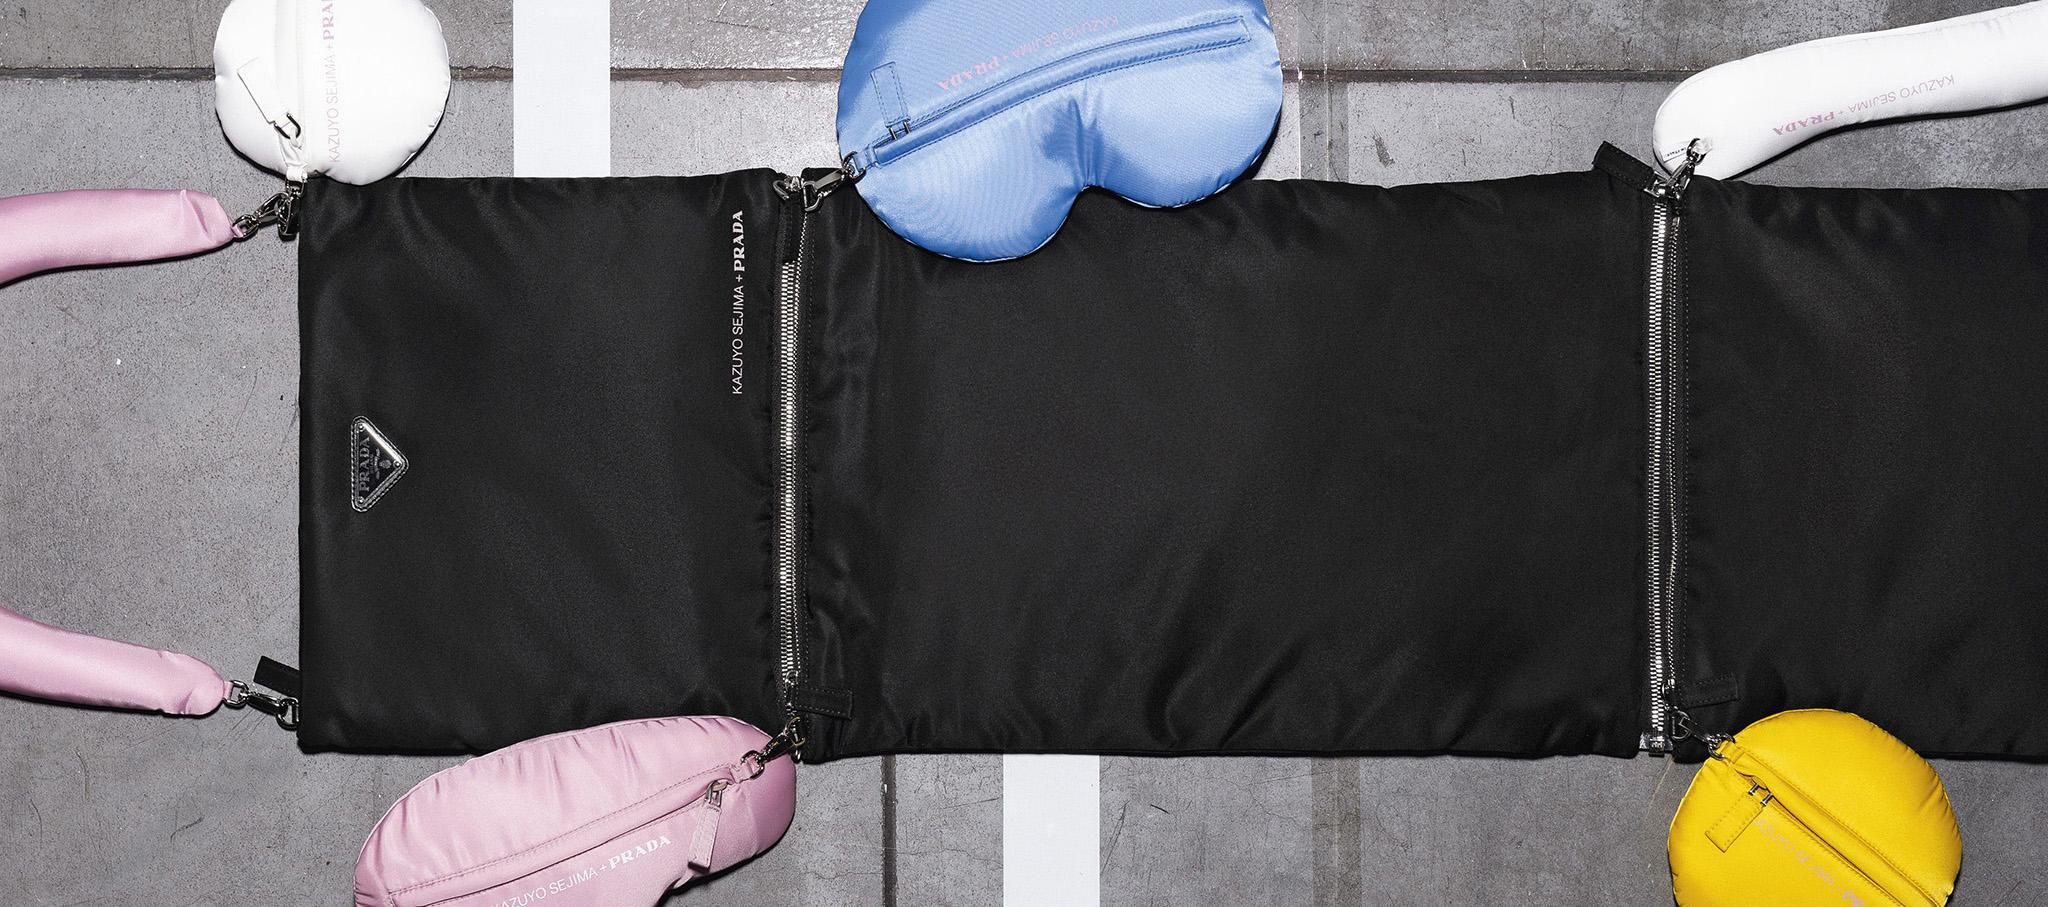 Prada invite designed by Kazuyo Sejima. SS 2019 Womenswear